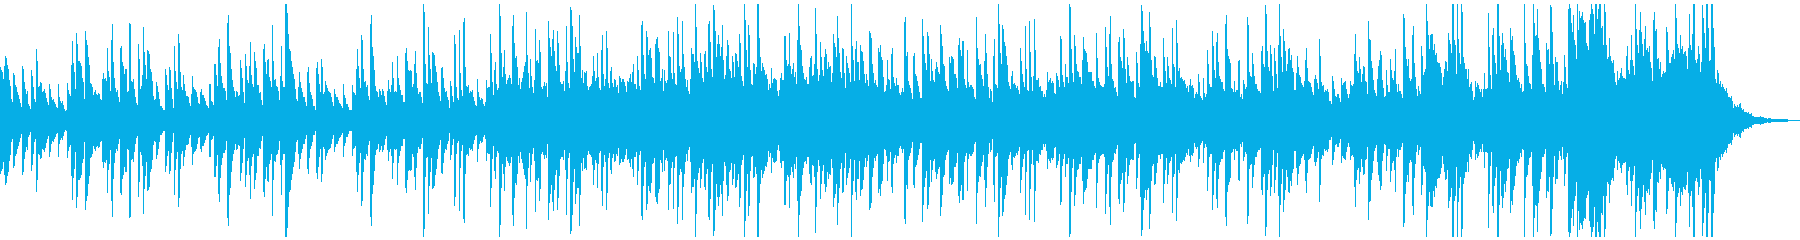 現代的 交響曲 室内楽 感情的 バ...の再生済みの波形